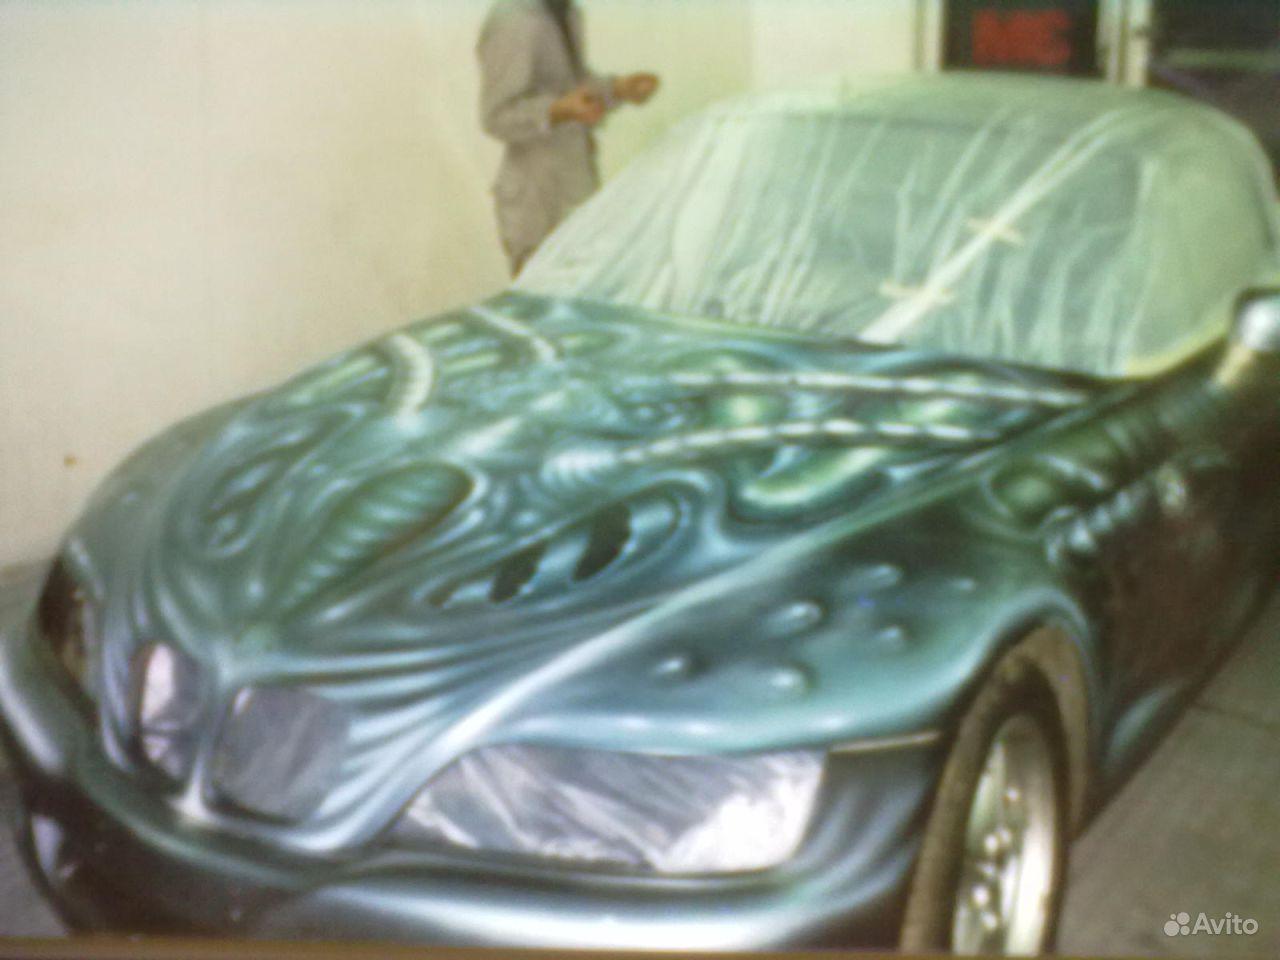 Сто Лонжерон, Покраска авто, кузовные работы слеса купить на Вуёк.ру - фотография № 2